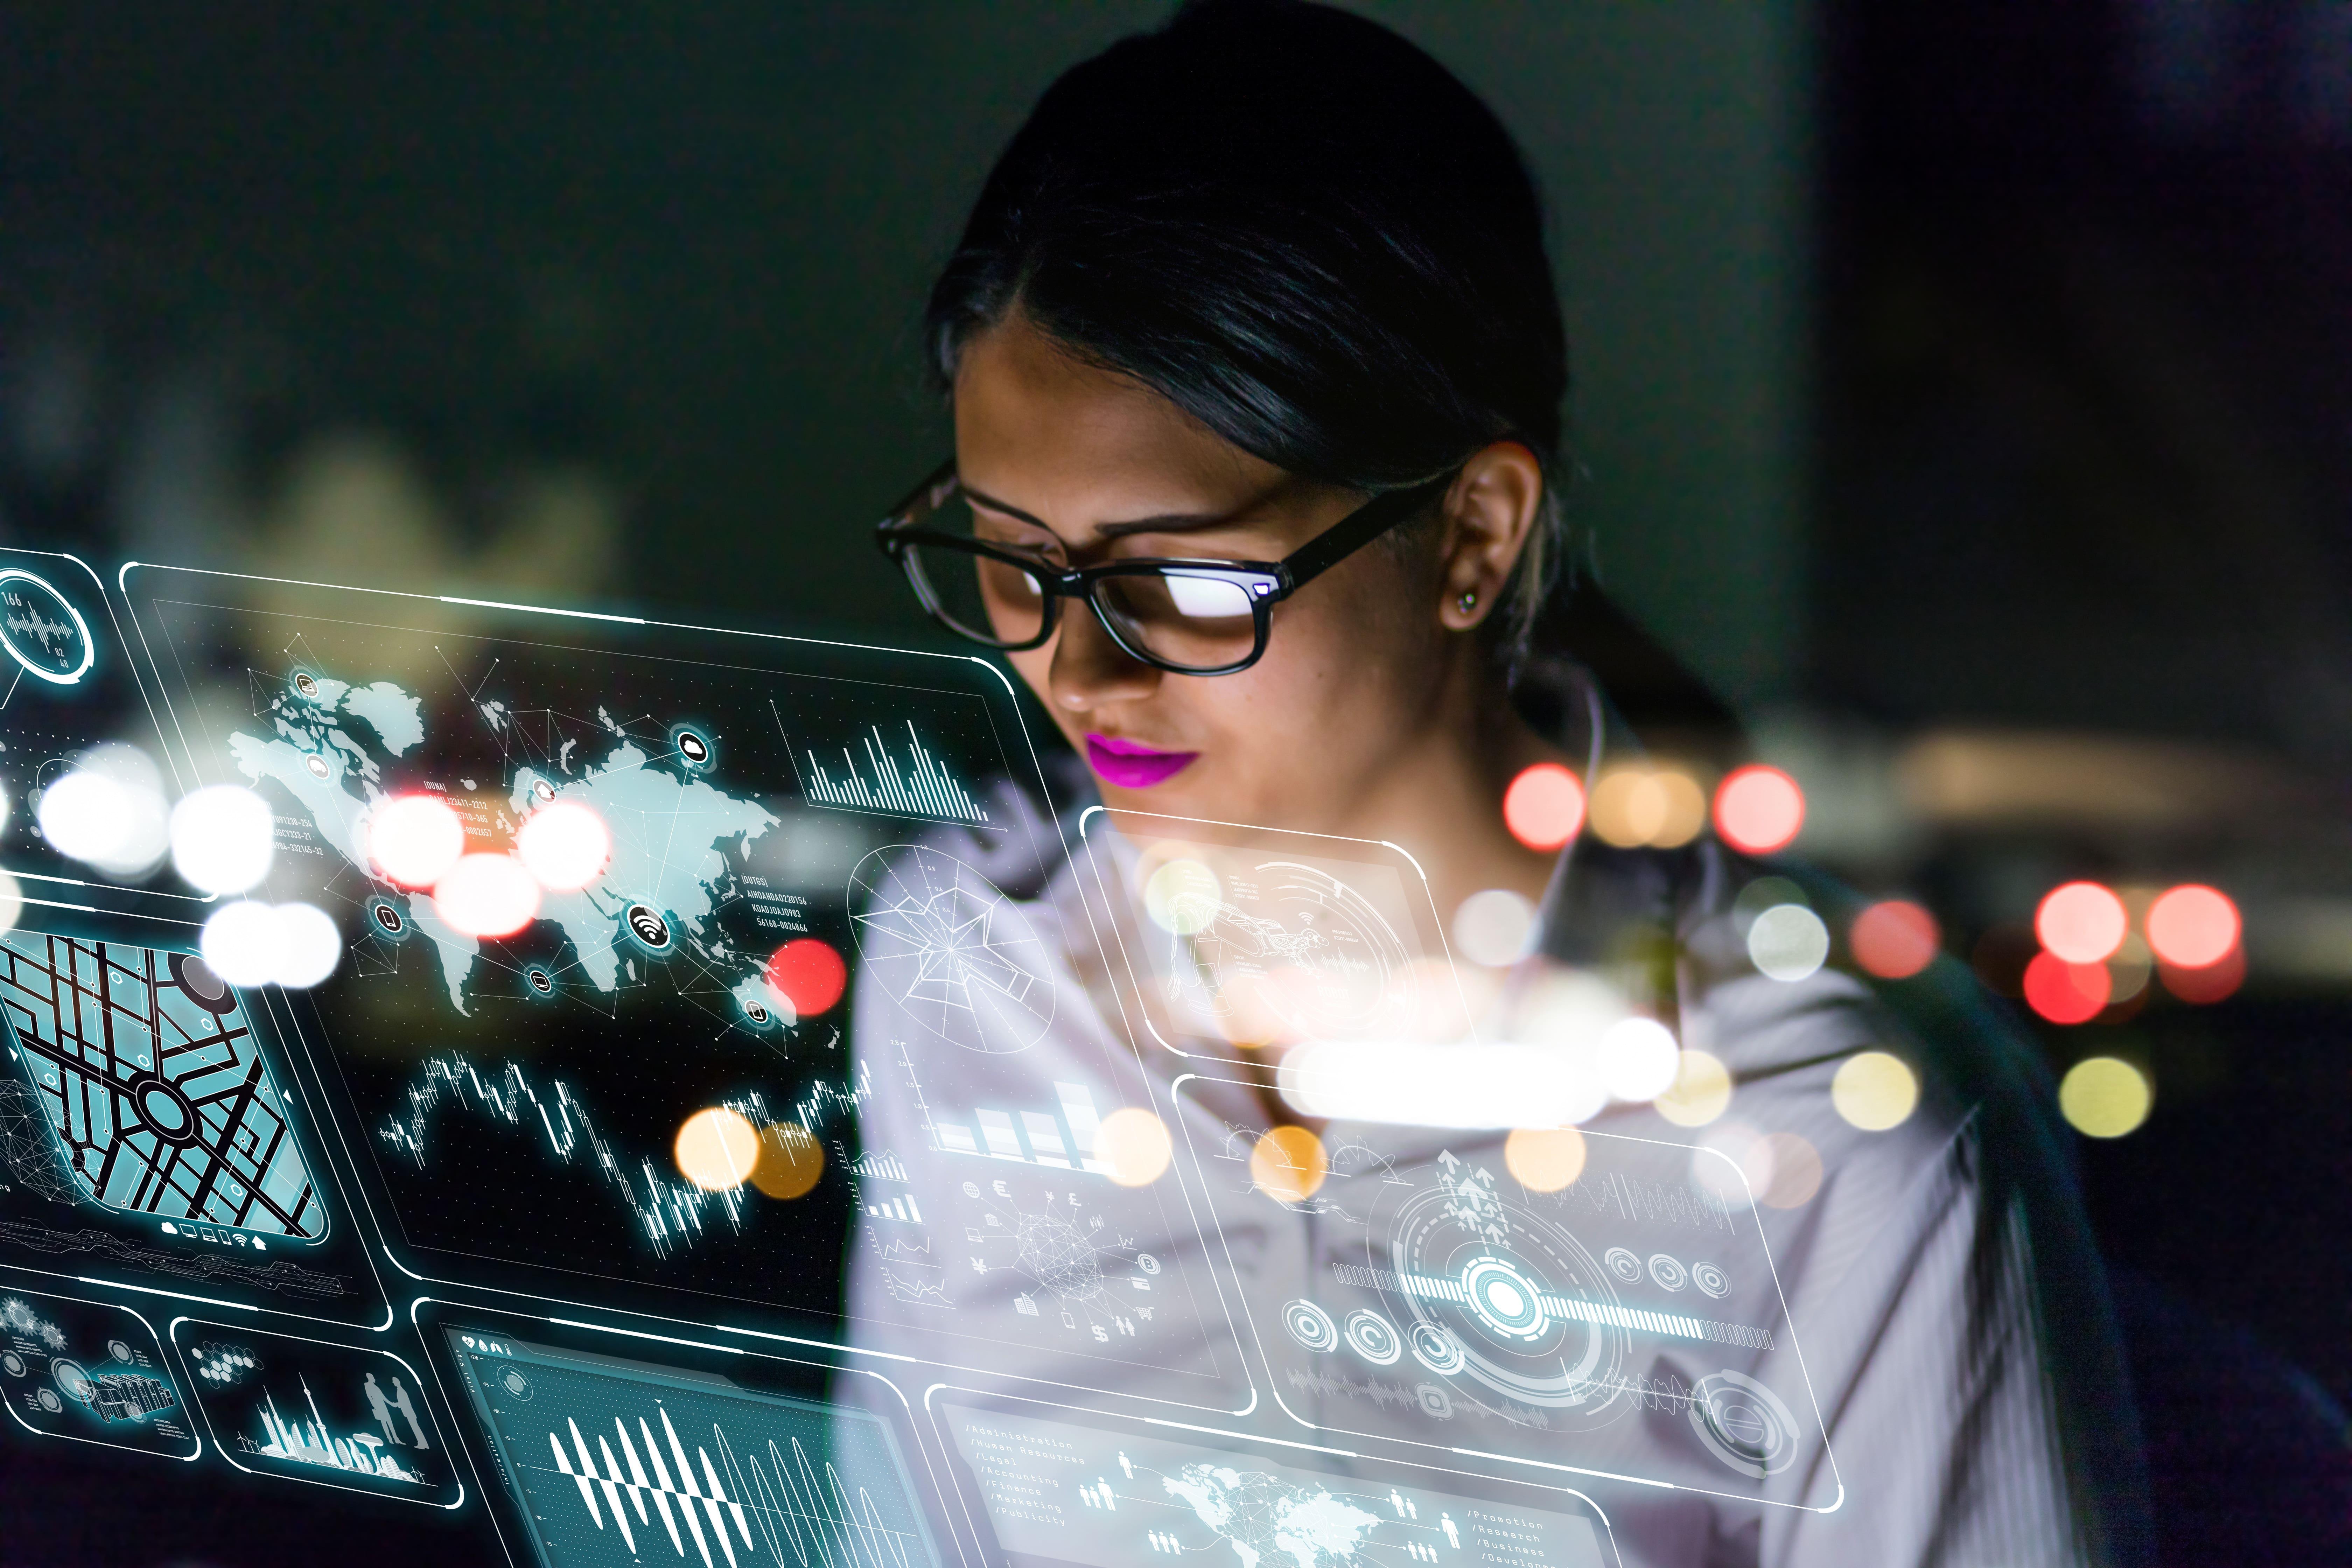 Woman using AI